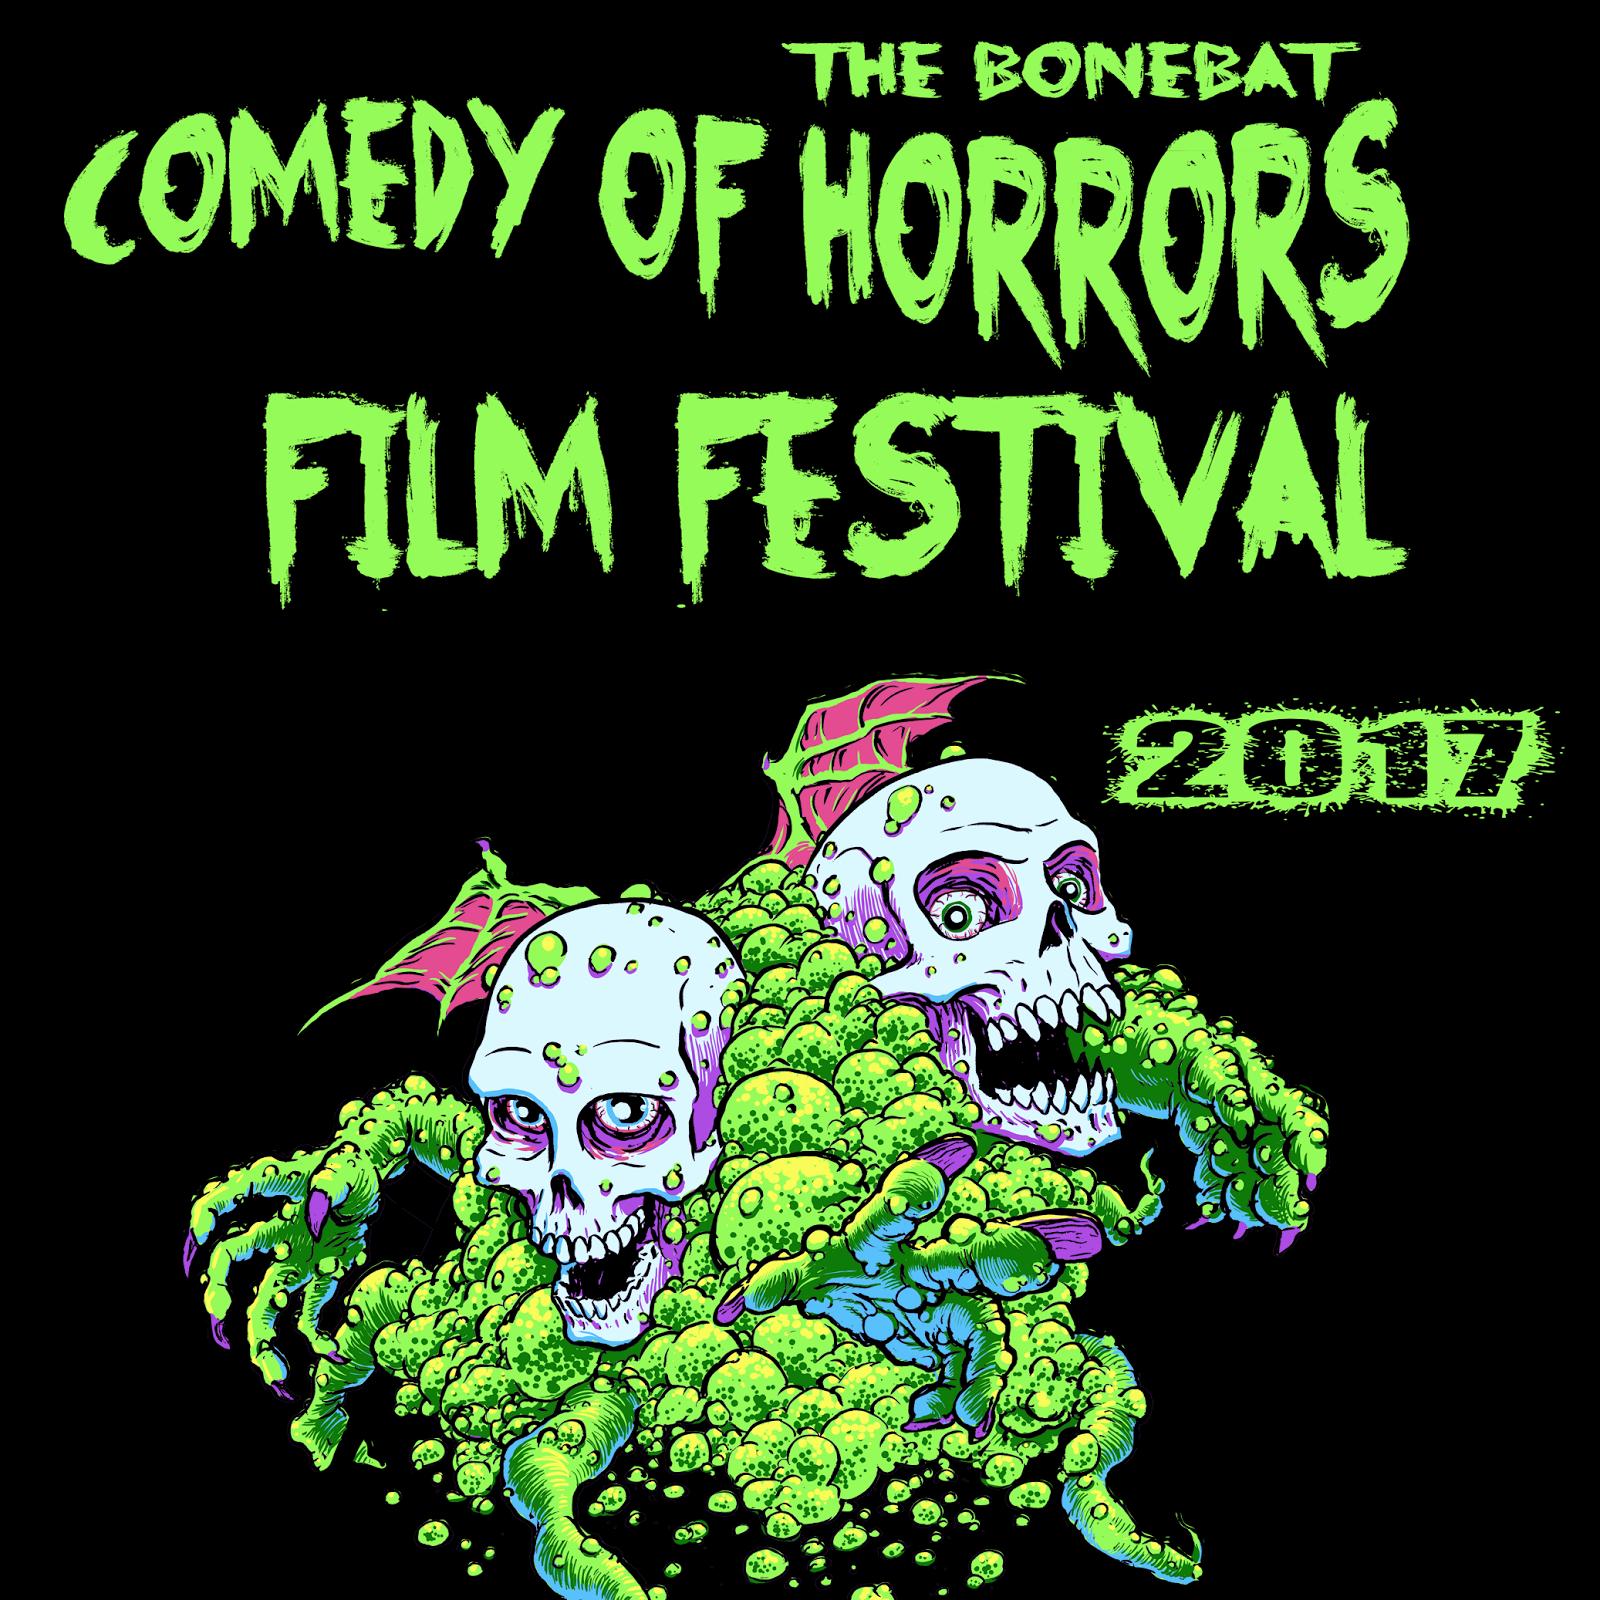 BoneBat Film Fest!